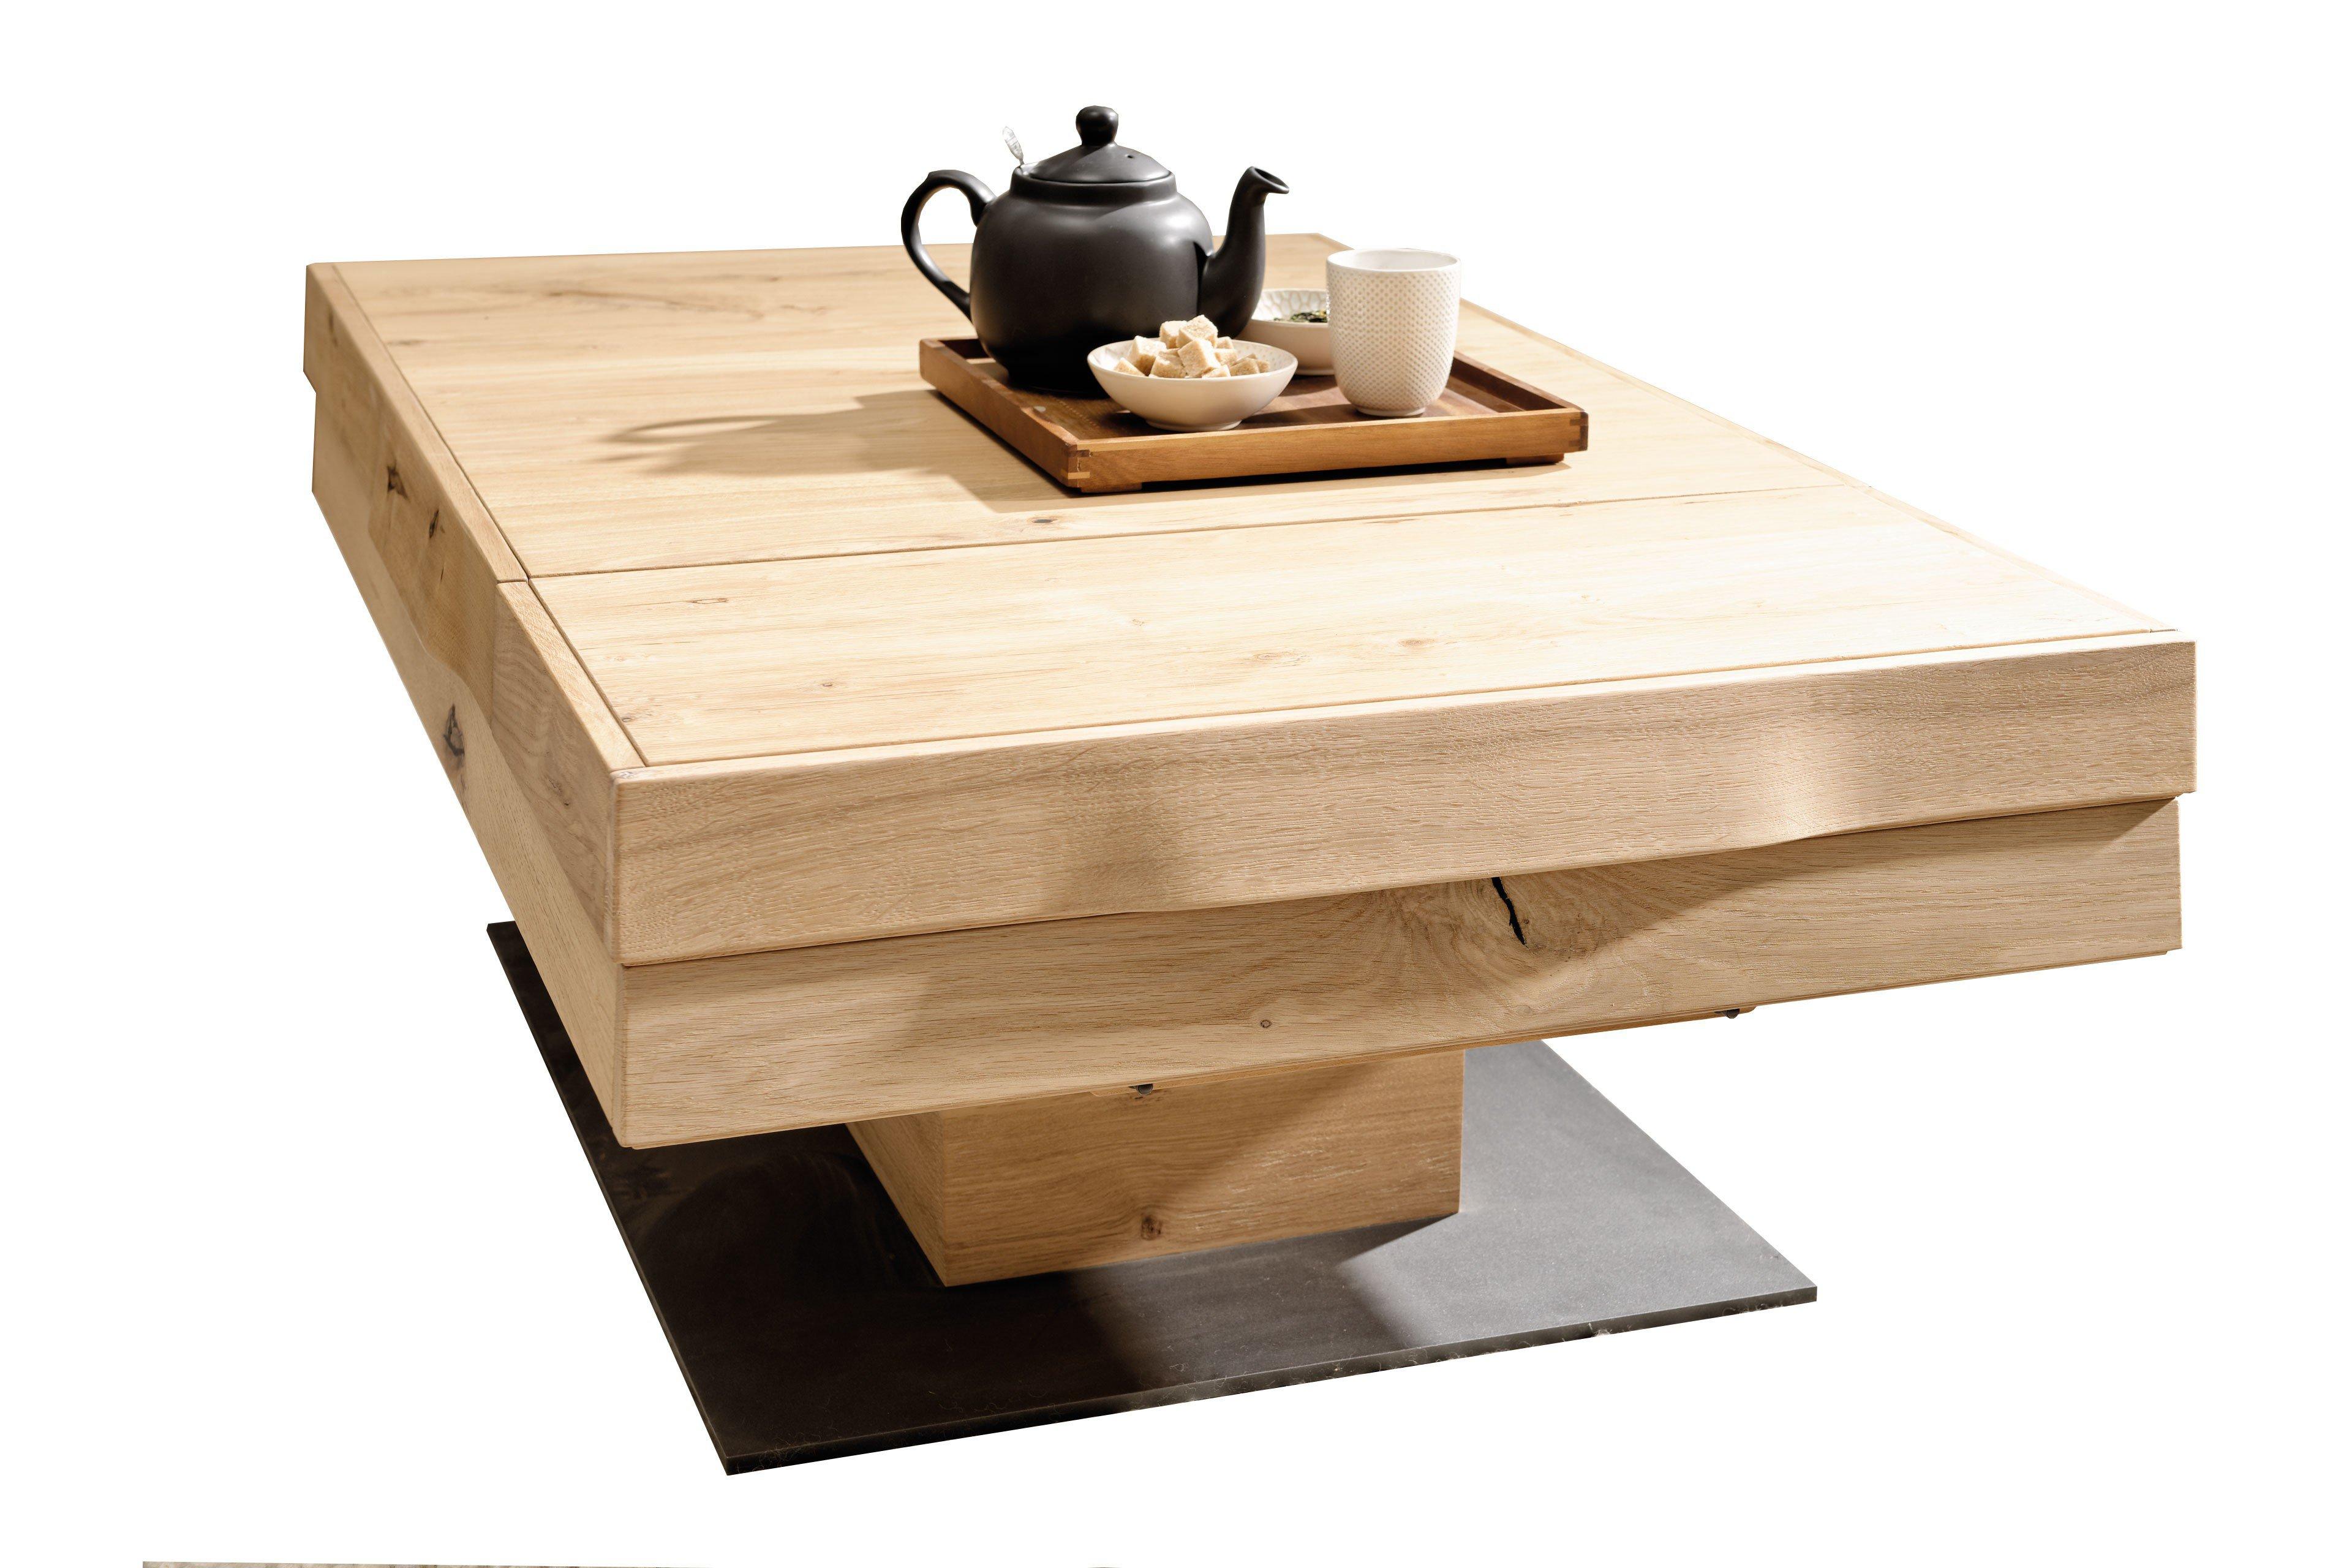 voglauer couchtisch v organo mit klappe und schubkasten l m bel letz ihr online shop. Black Bedroom Furniture Sets. Home Design Ideas